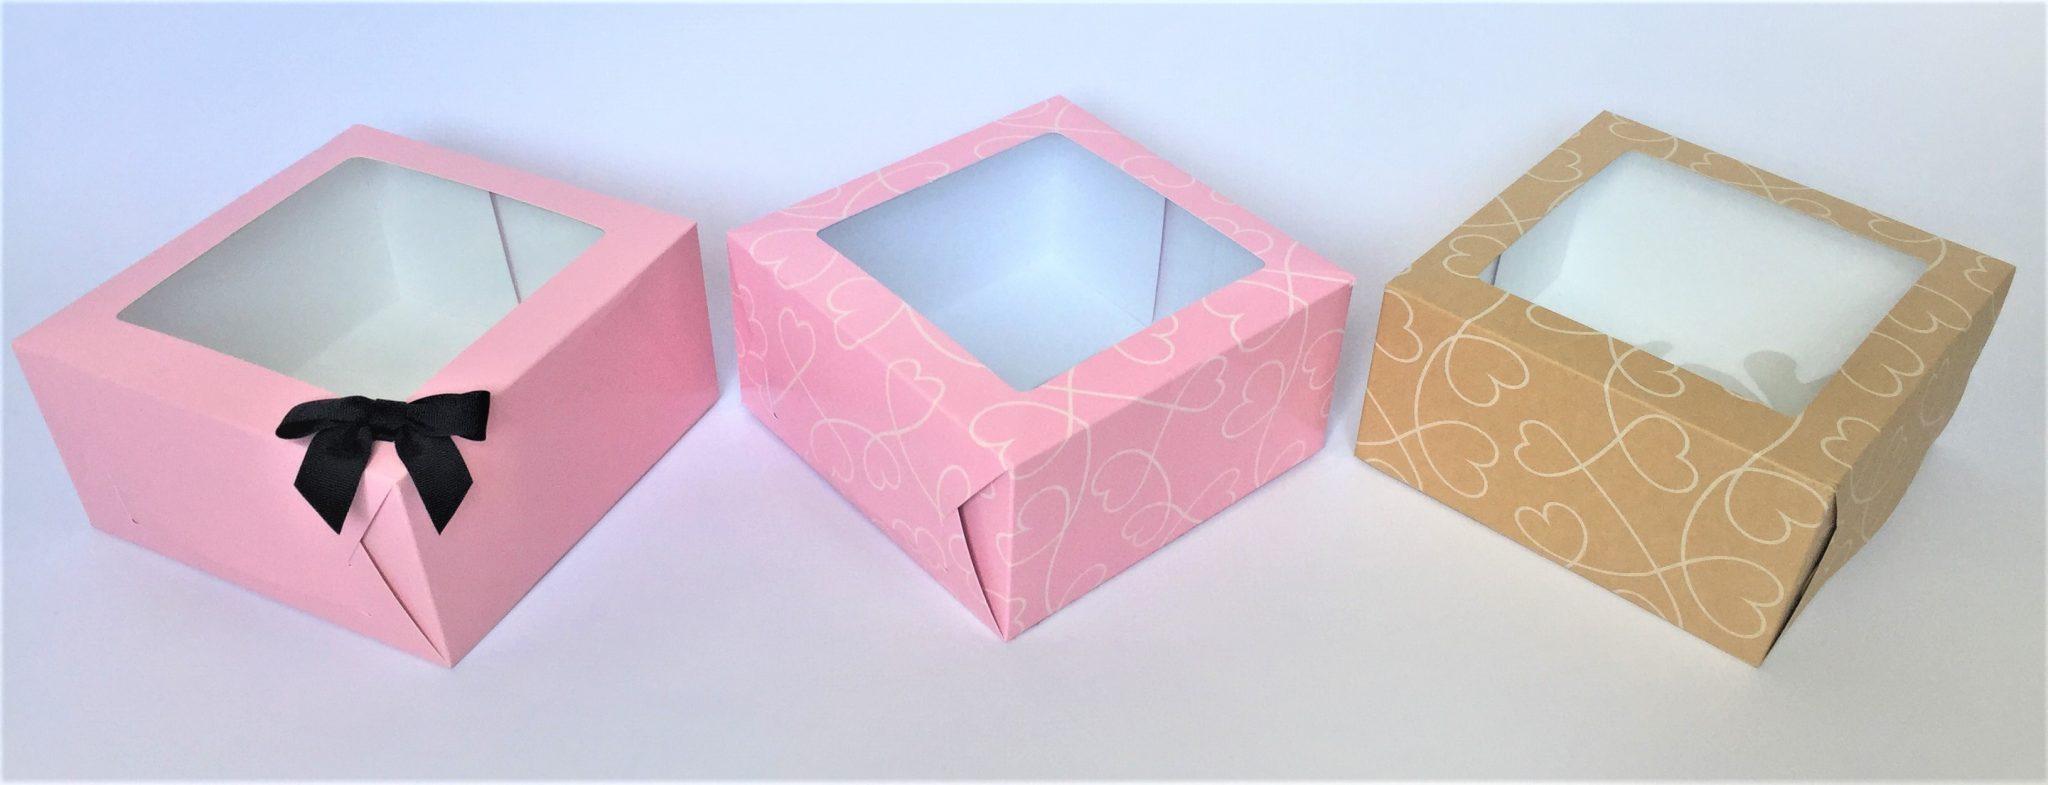 Plain Pink, Pink printed & kraft printed cake boxes